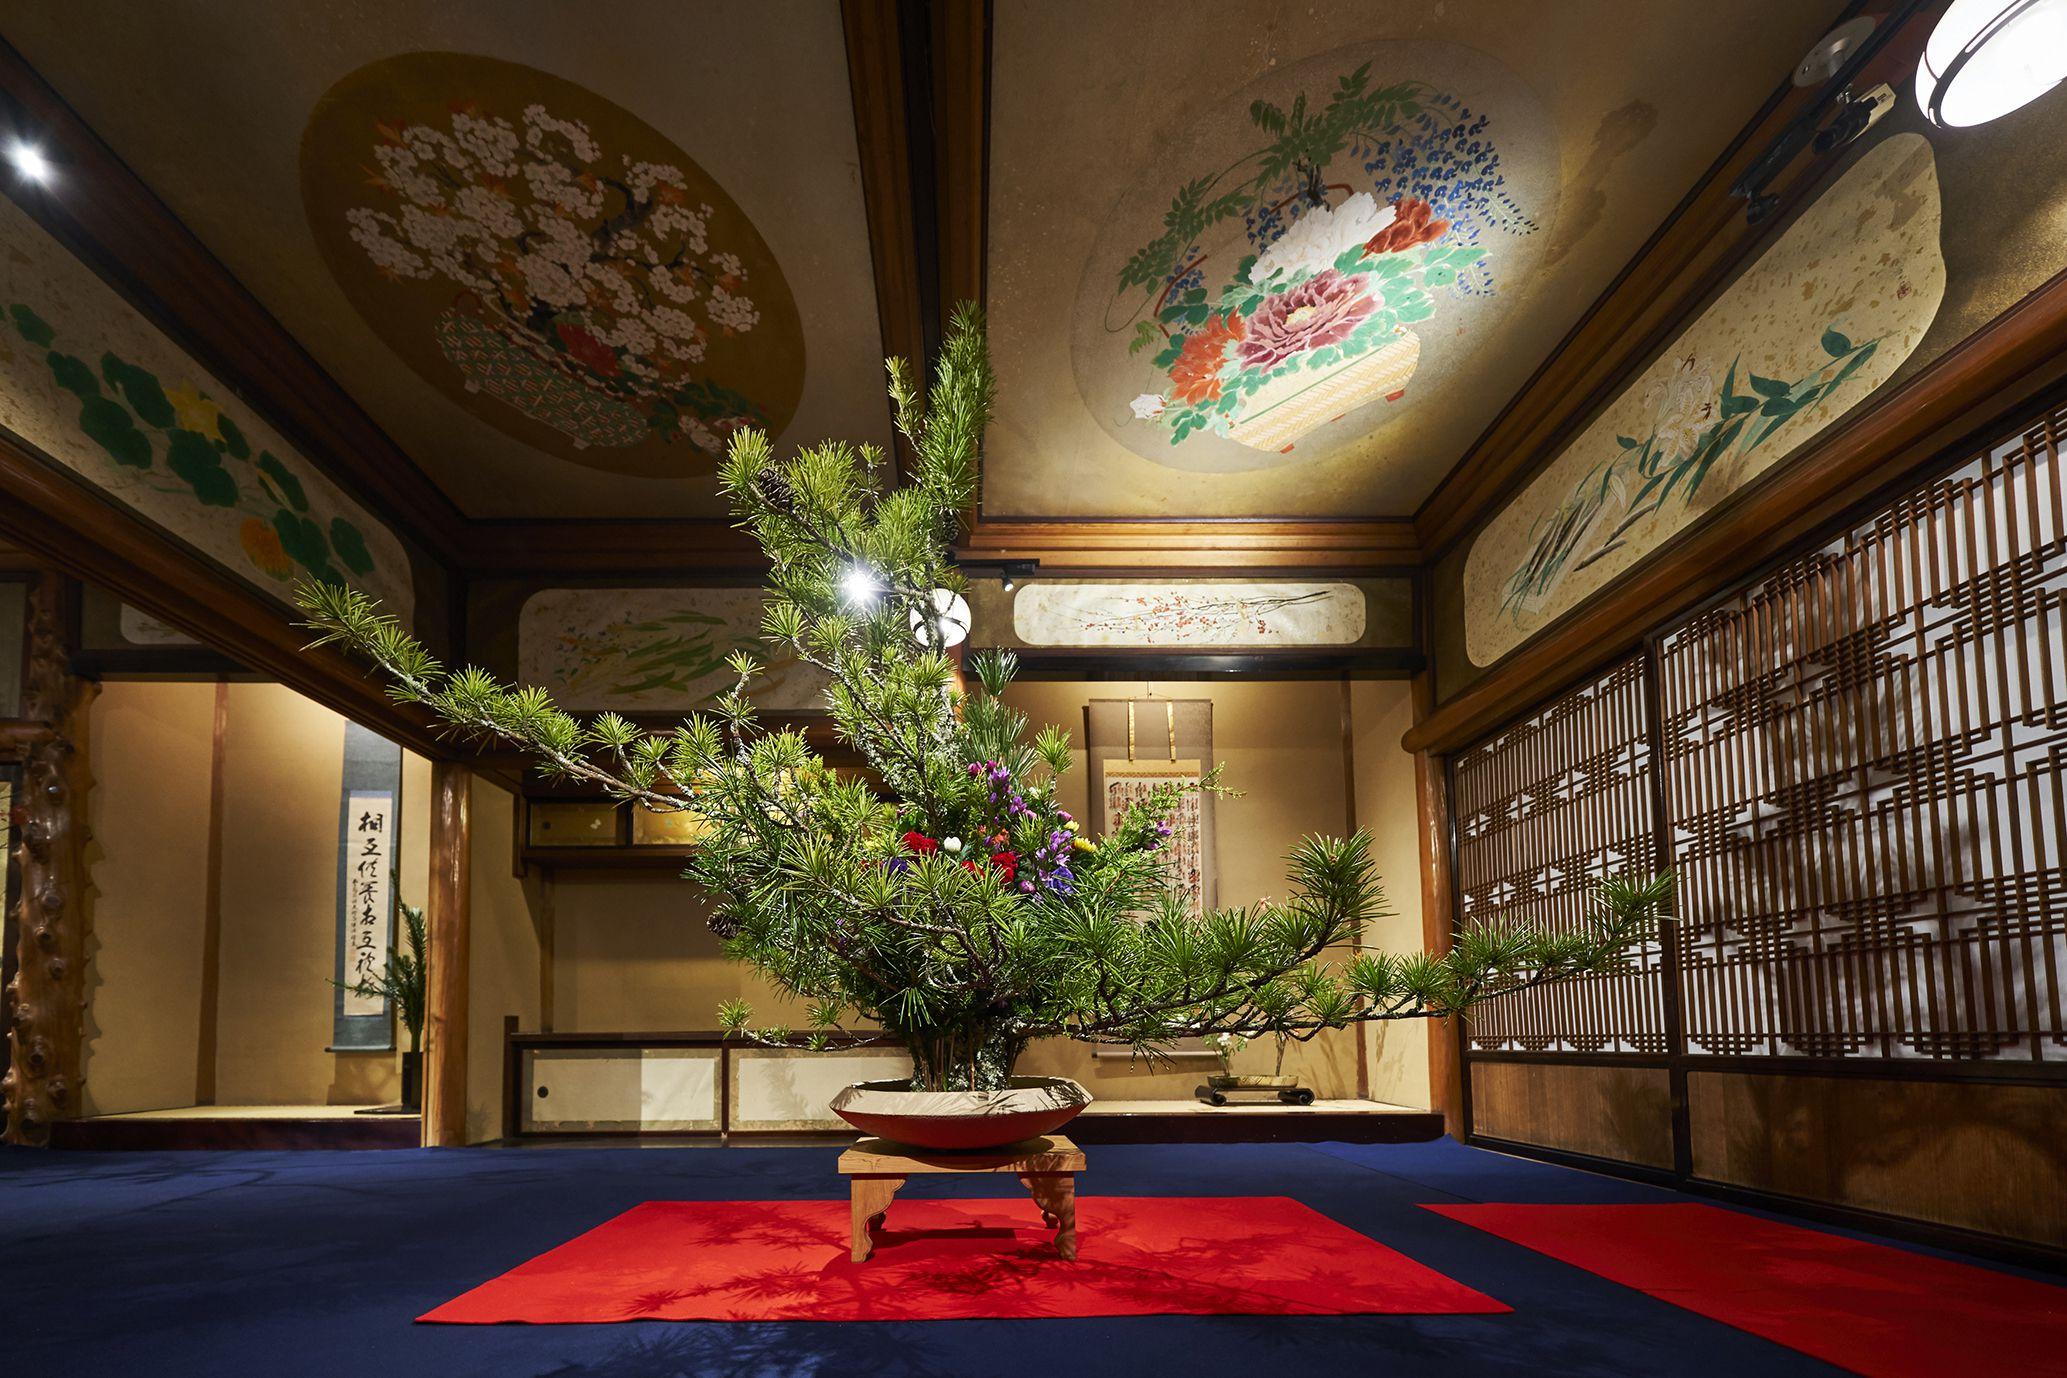 東京都指定有形文化財「百段階段」を舞台に毎週5流派以上の作品を鑑賞できる。